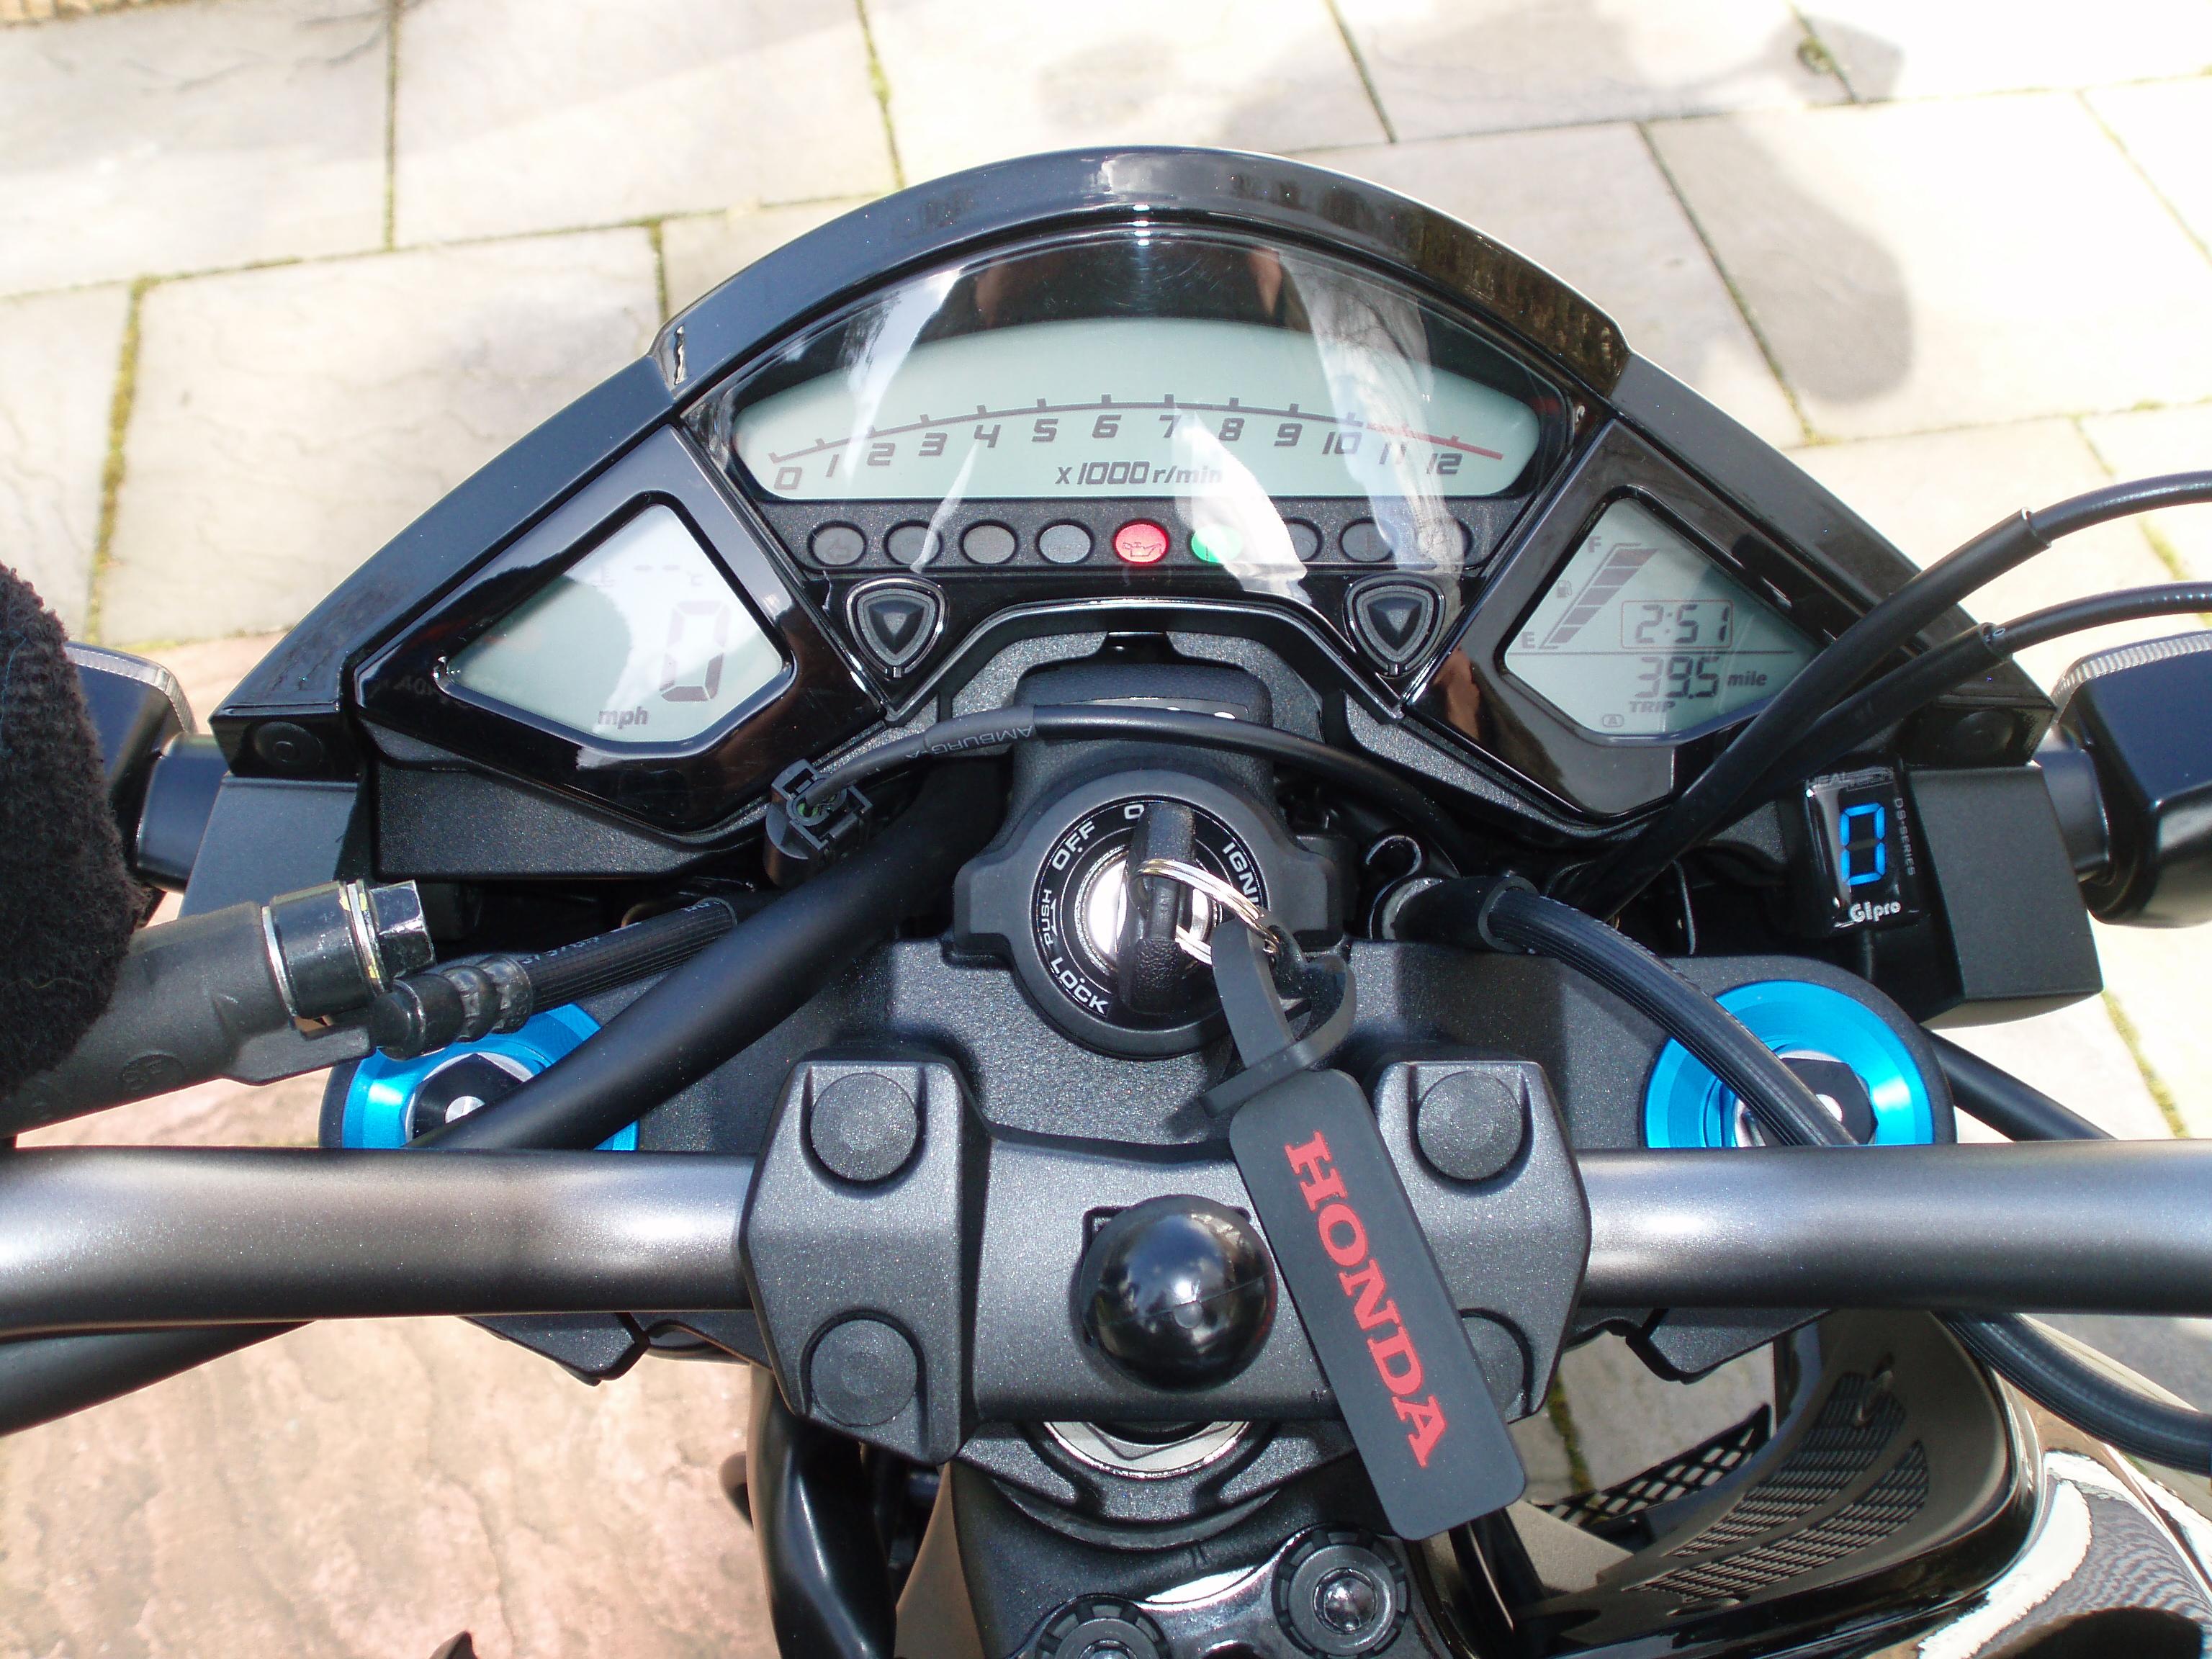 TomTom Rider V2